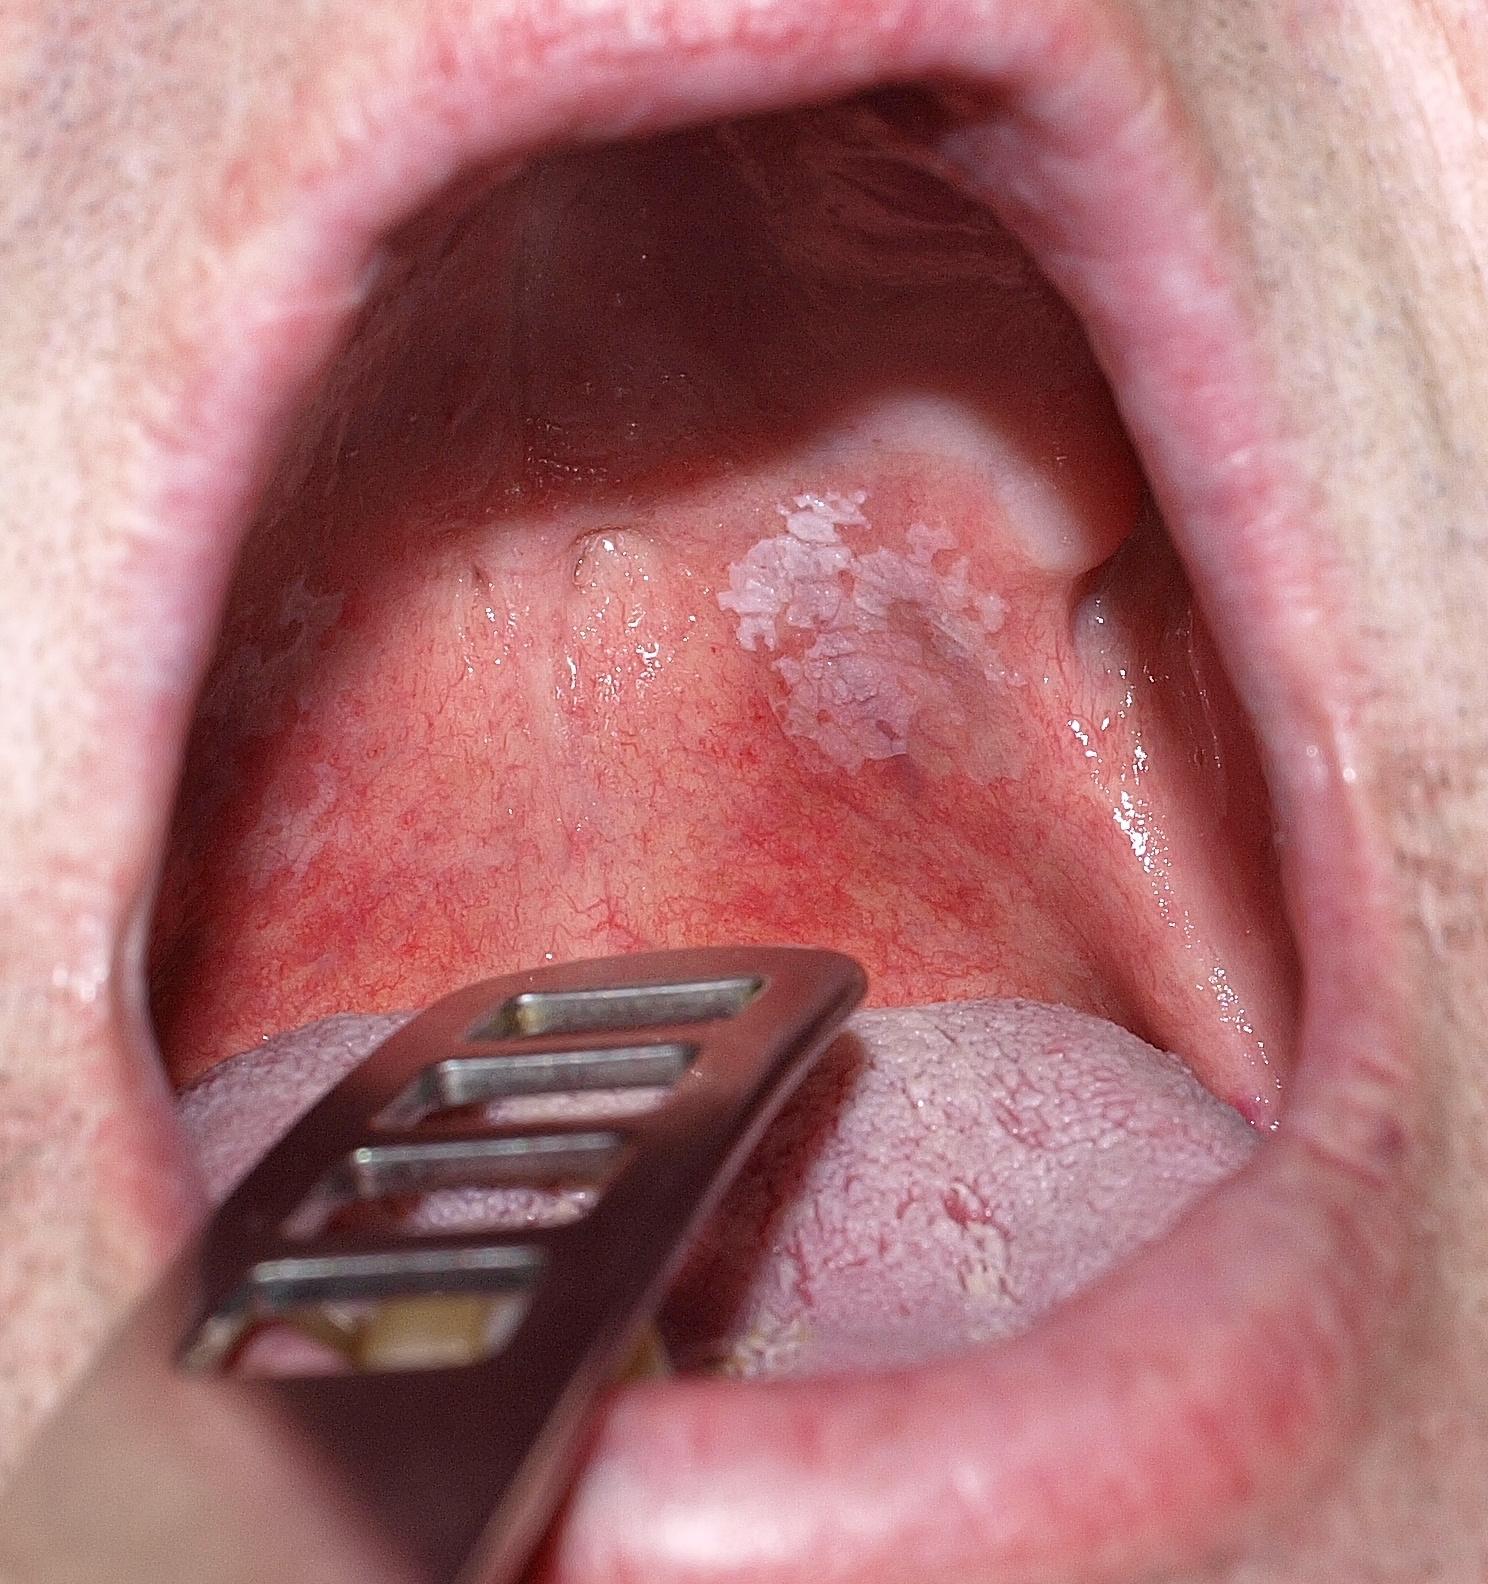 vörös foltok jelentek meg a szájban mint kezelni)